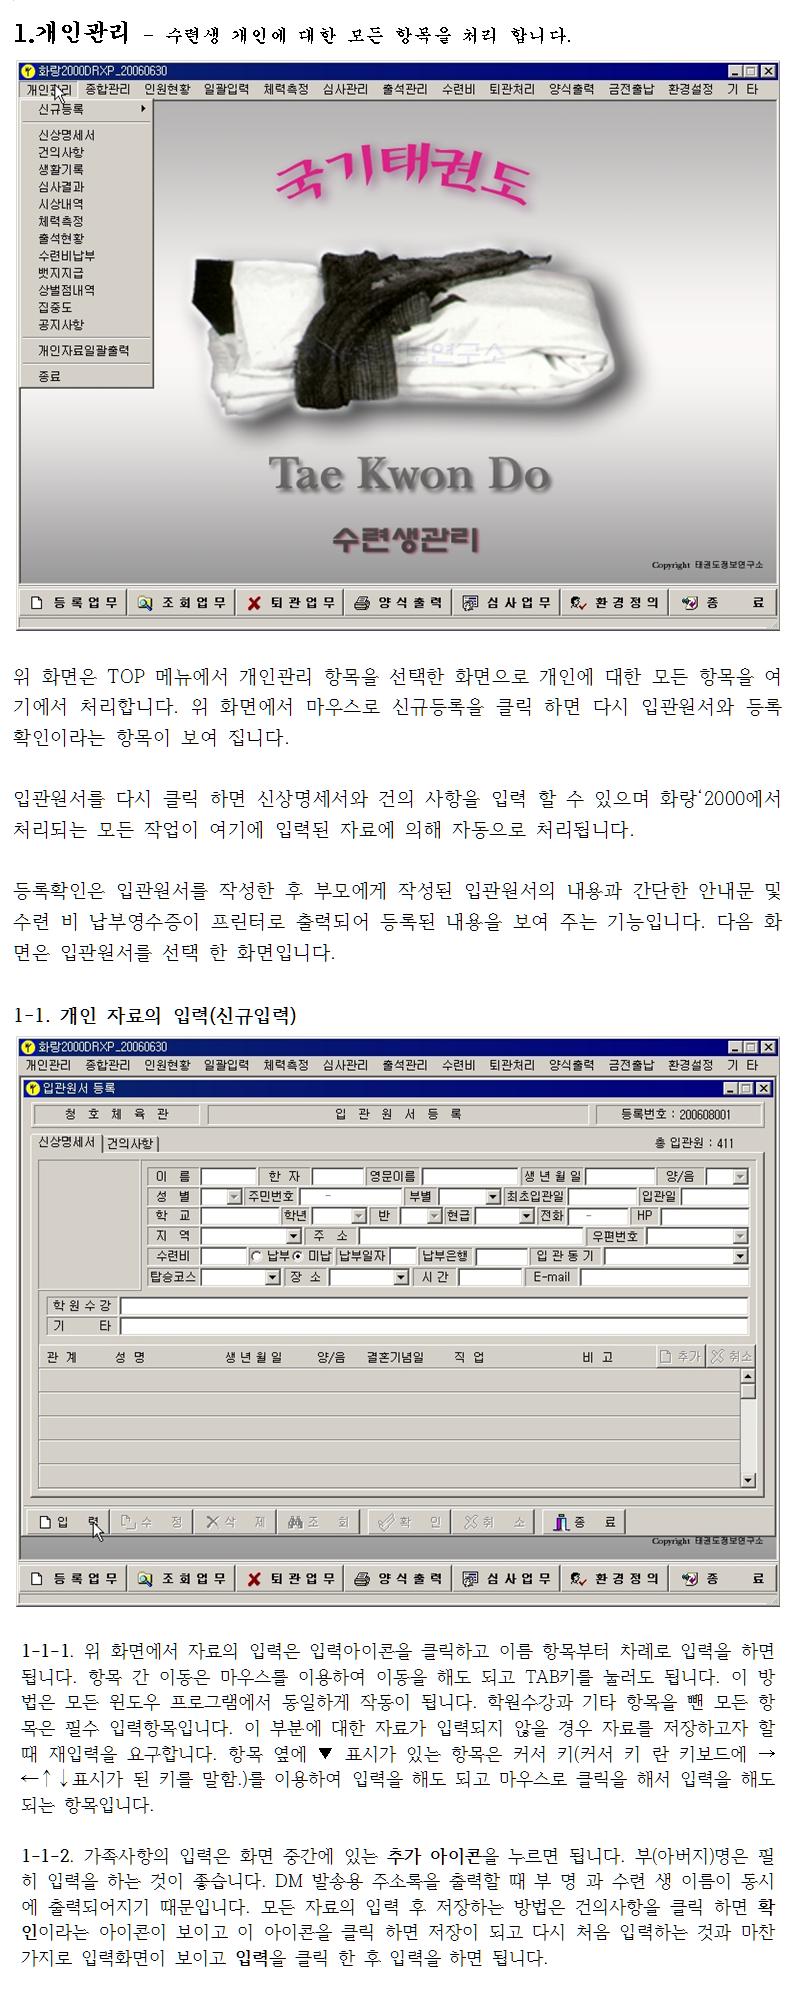 _1-1개인자료의입력(신규입력).png